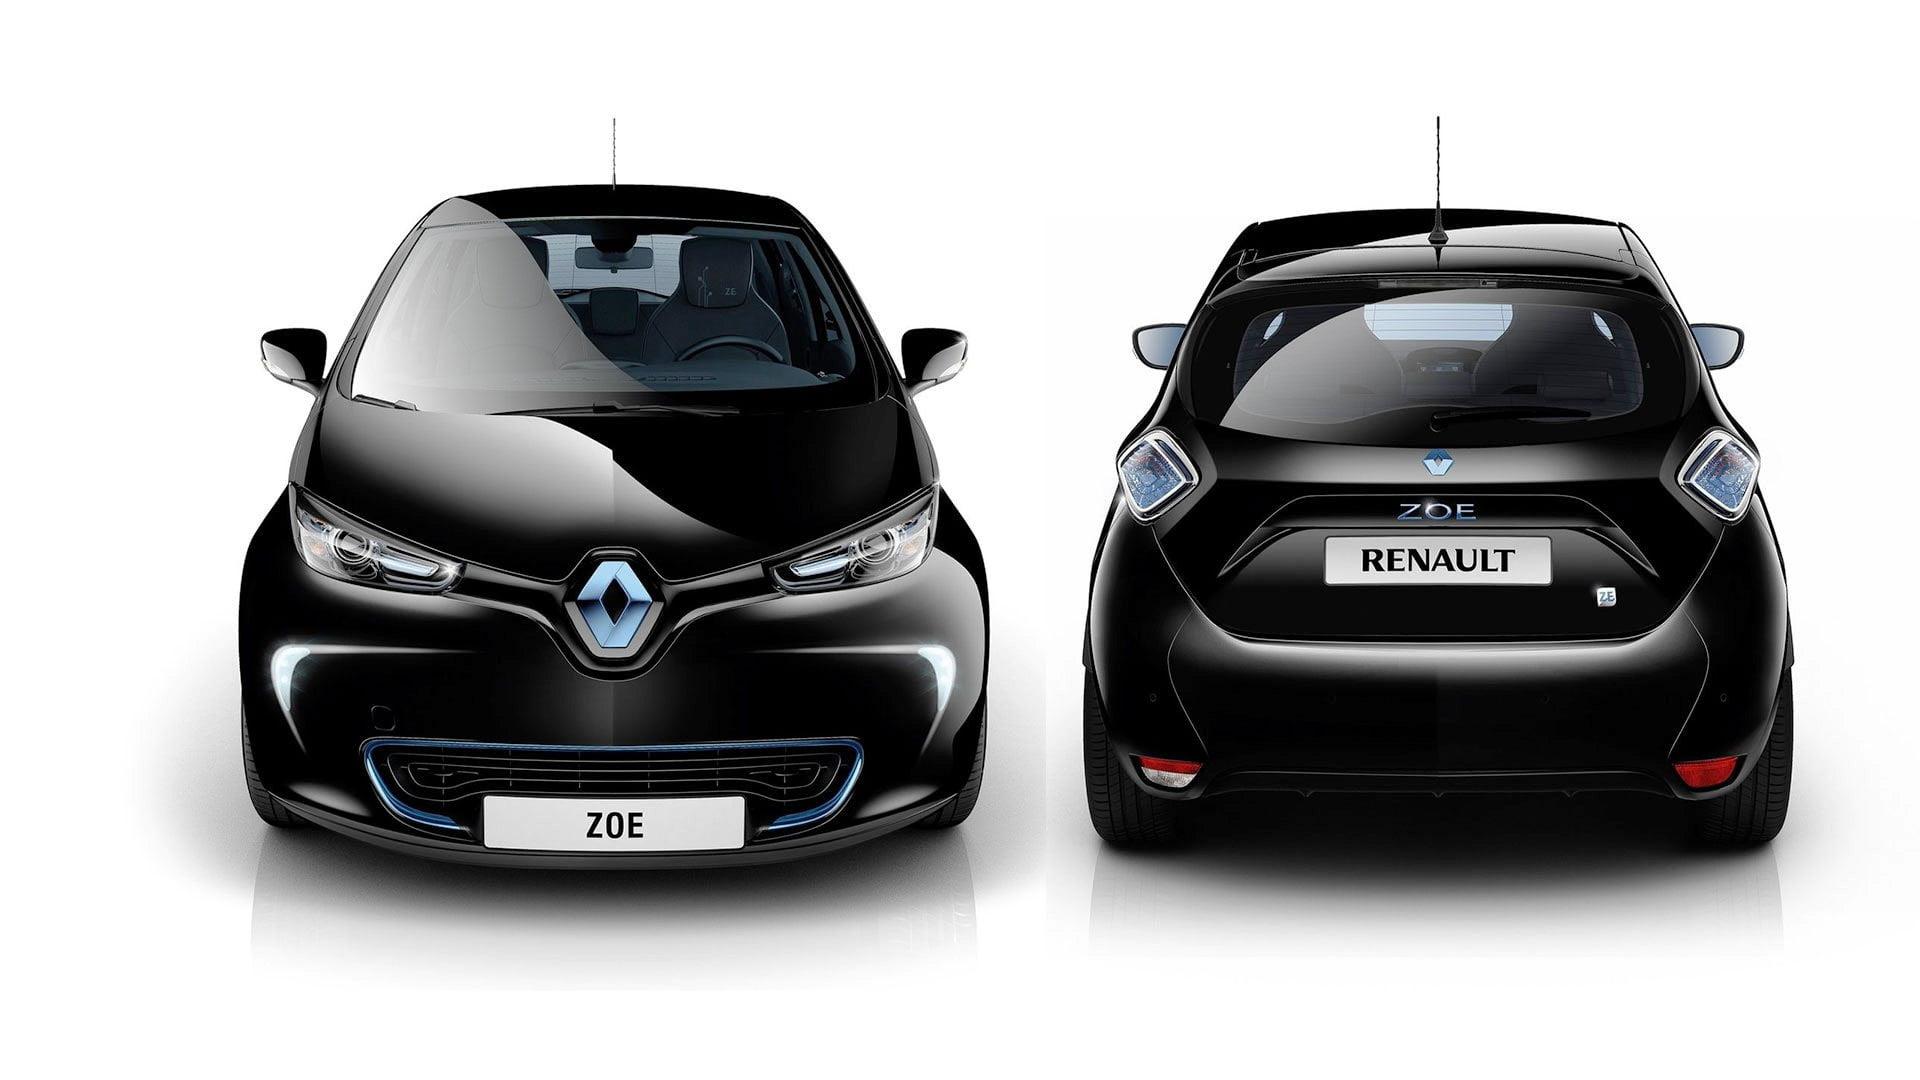 2016 Renault ZOE Spy Photos - Cars Reviews Photos, Specs